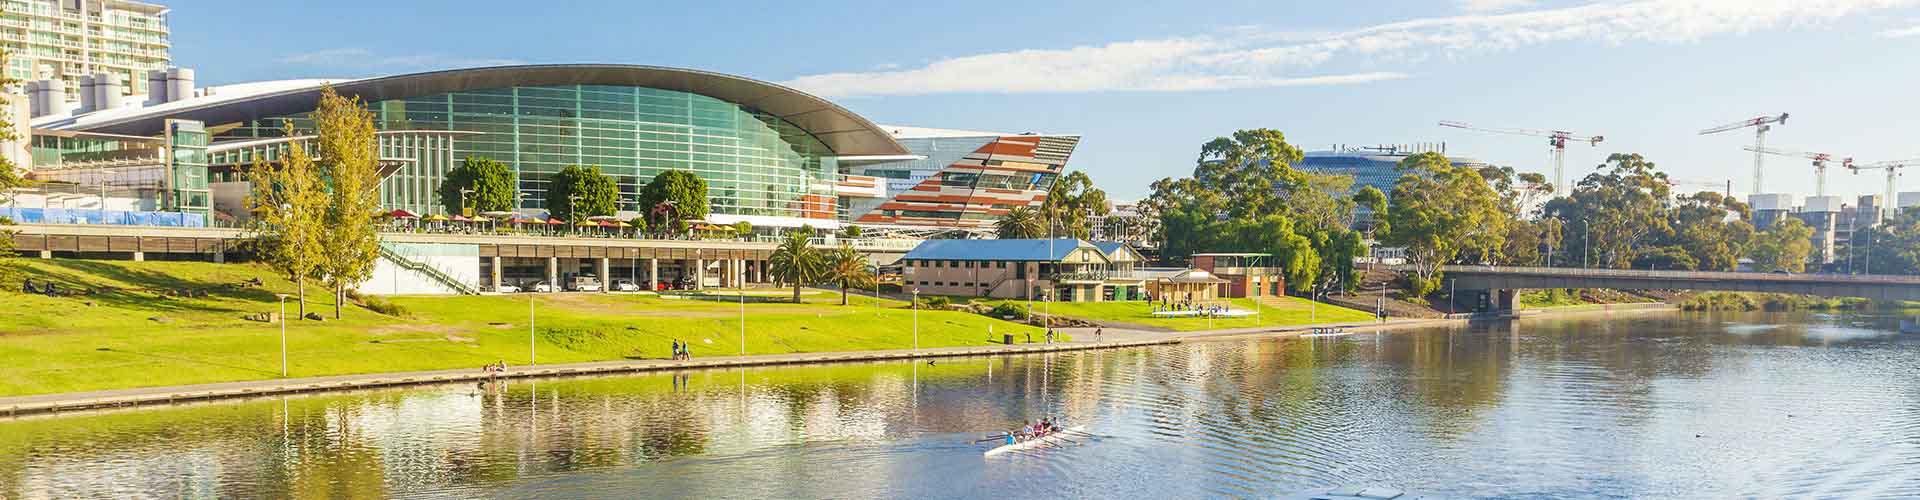 Adelaide – Retkeily kaupungiosassa Glenelg. Adelaide -karttoja, valokuvia ja arvosteluja kaikista Adelaide -retkeilyalueista.